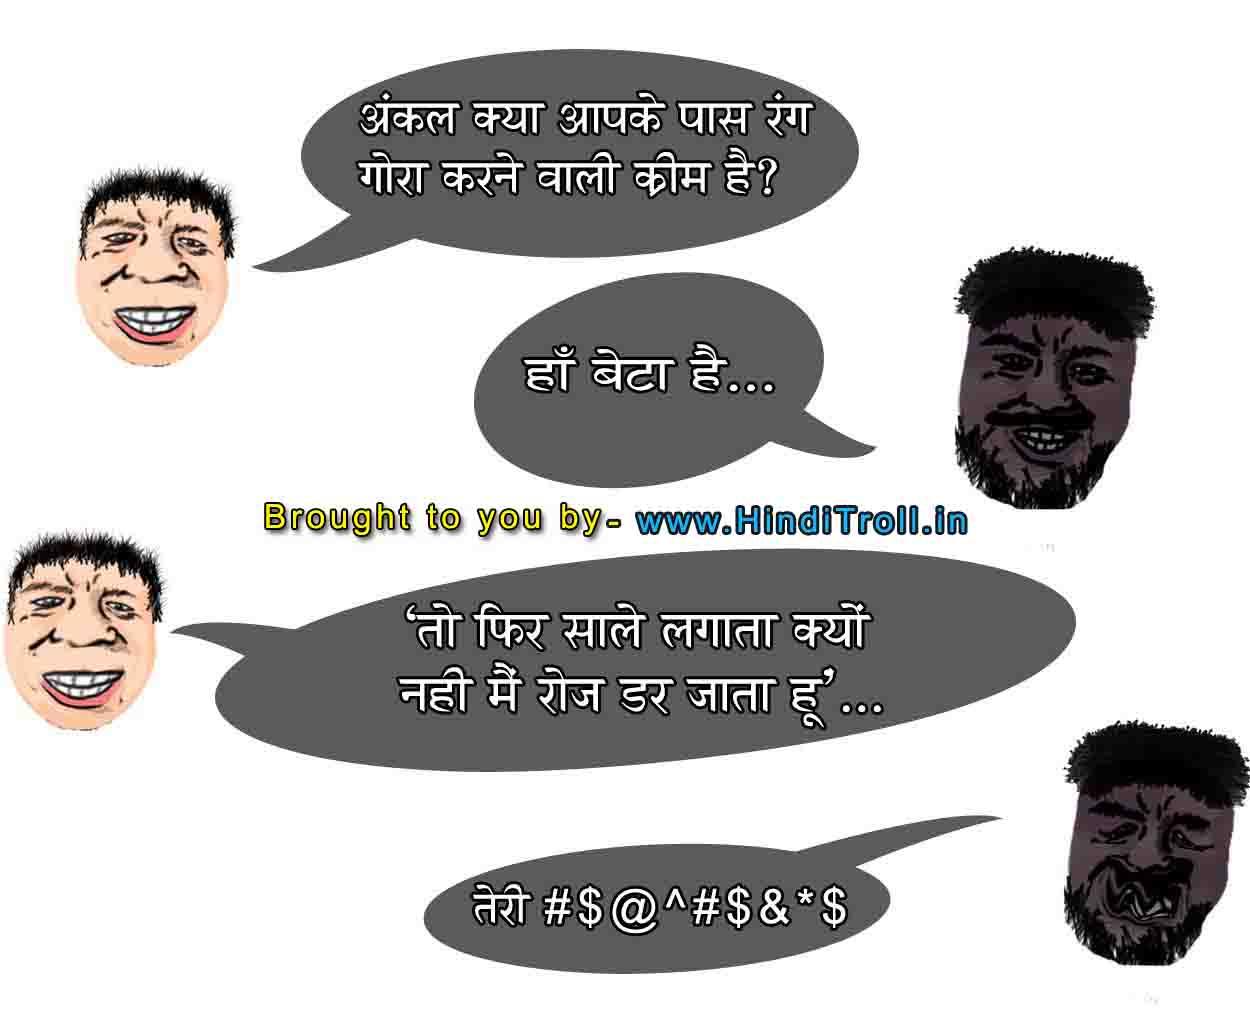 http://2.bp.blogspot.com/-nJ6PJerJrhc/UFxw04CP6uI/AAAAAAAACX0/ToiRL8ki8Js/s1600/sad+punjabni+comments+.jpg